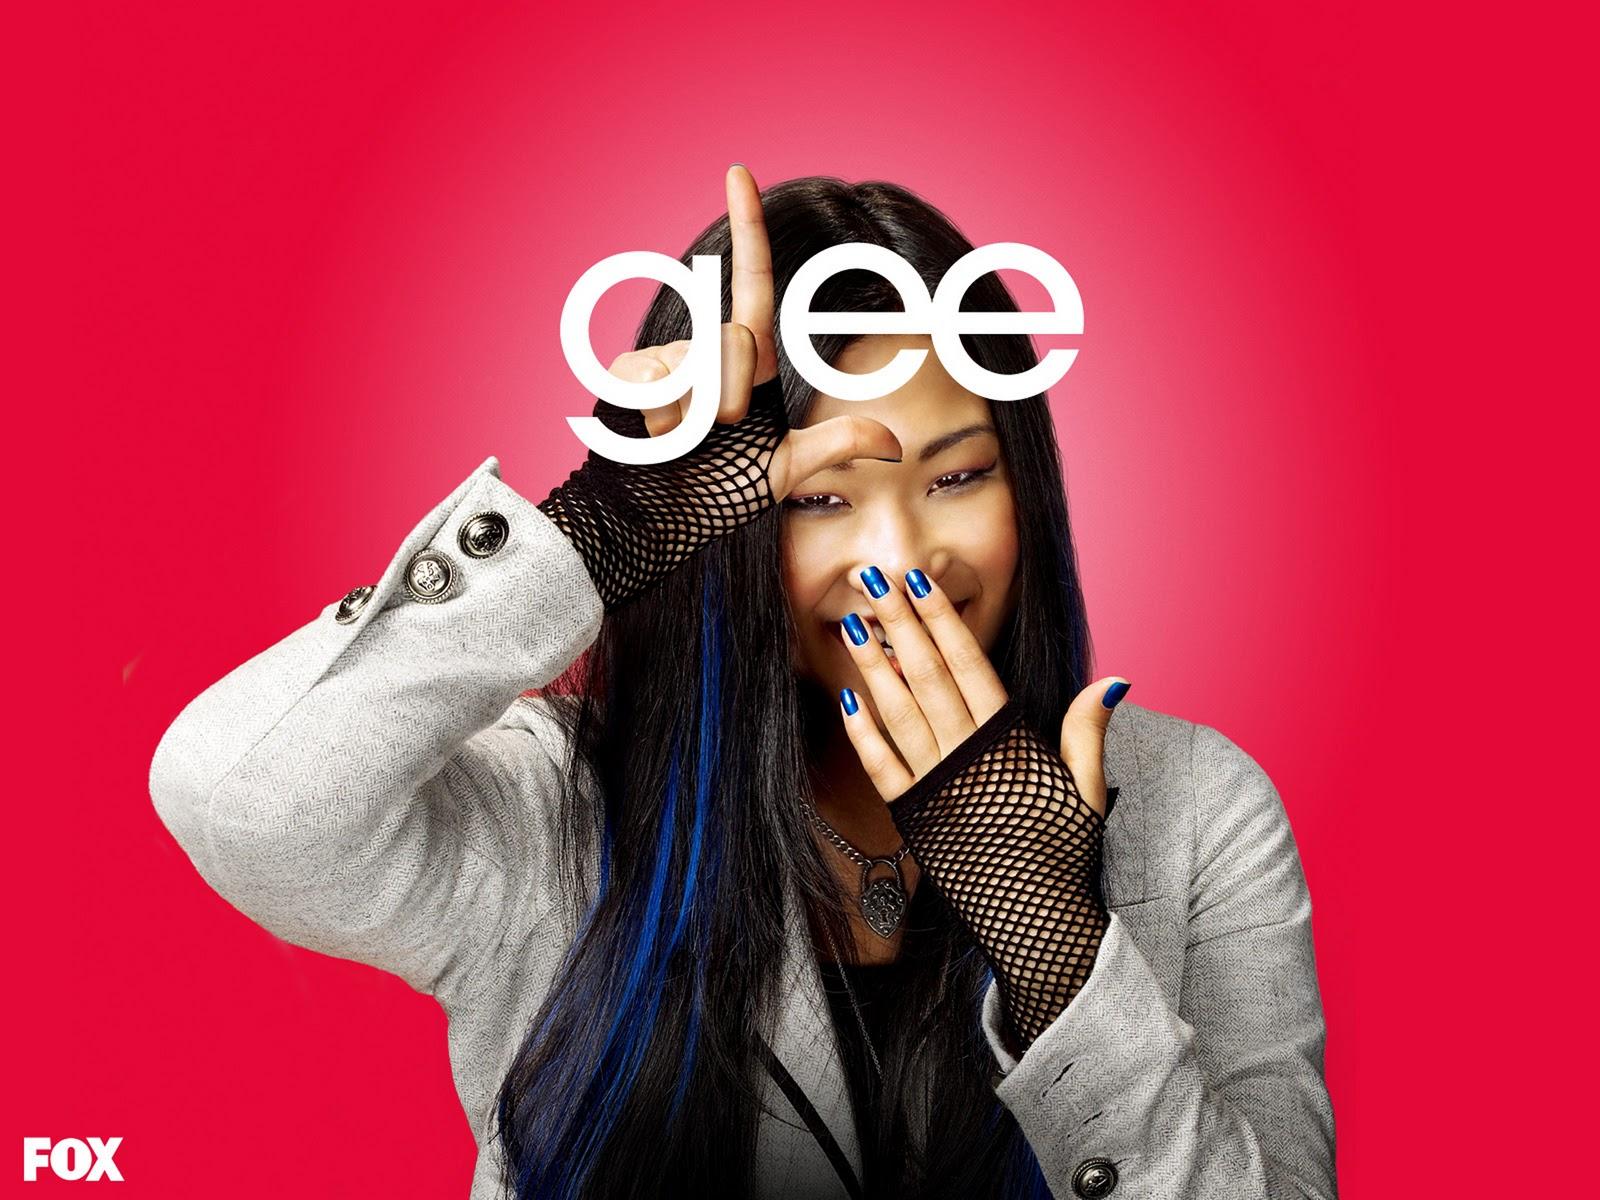 http://1.bp.blogspot.com/-_PgOG9qDg7M/TxwtLxTV_cI/AAAAAAAABG4/01srlr0NsJM/s1600/Glee_Rachel_Berry.jpg